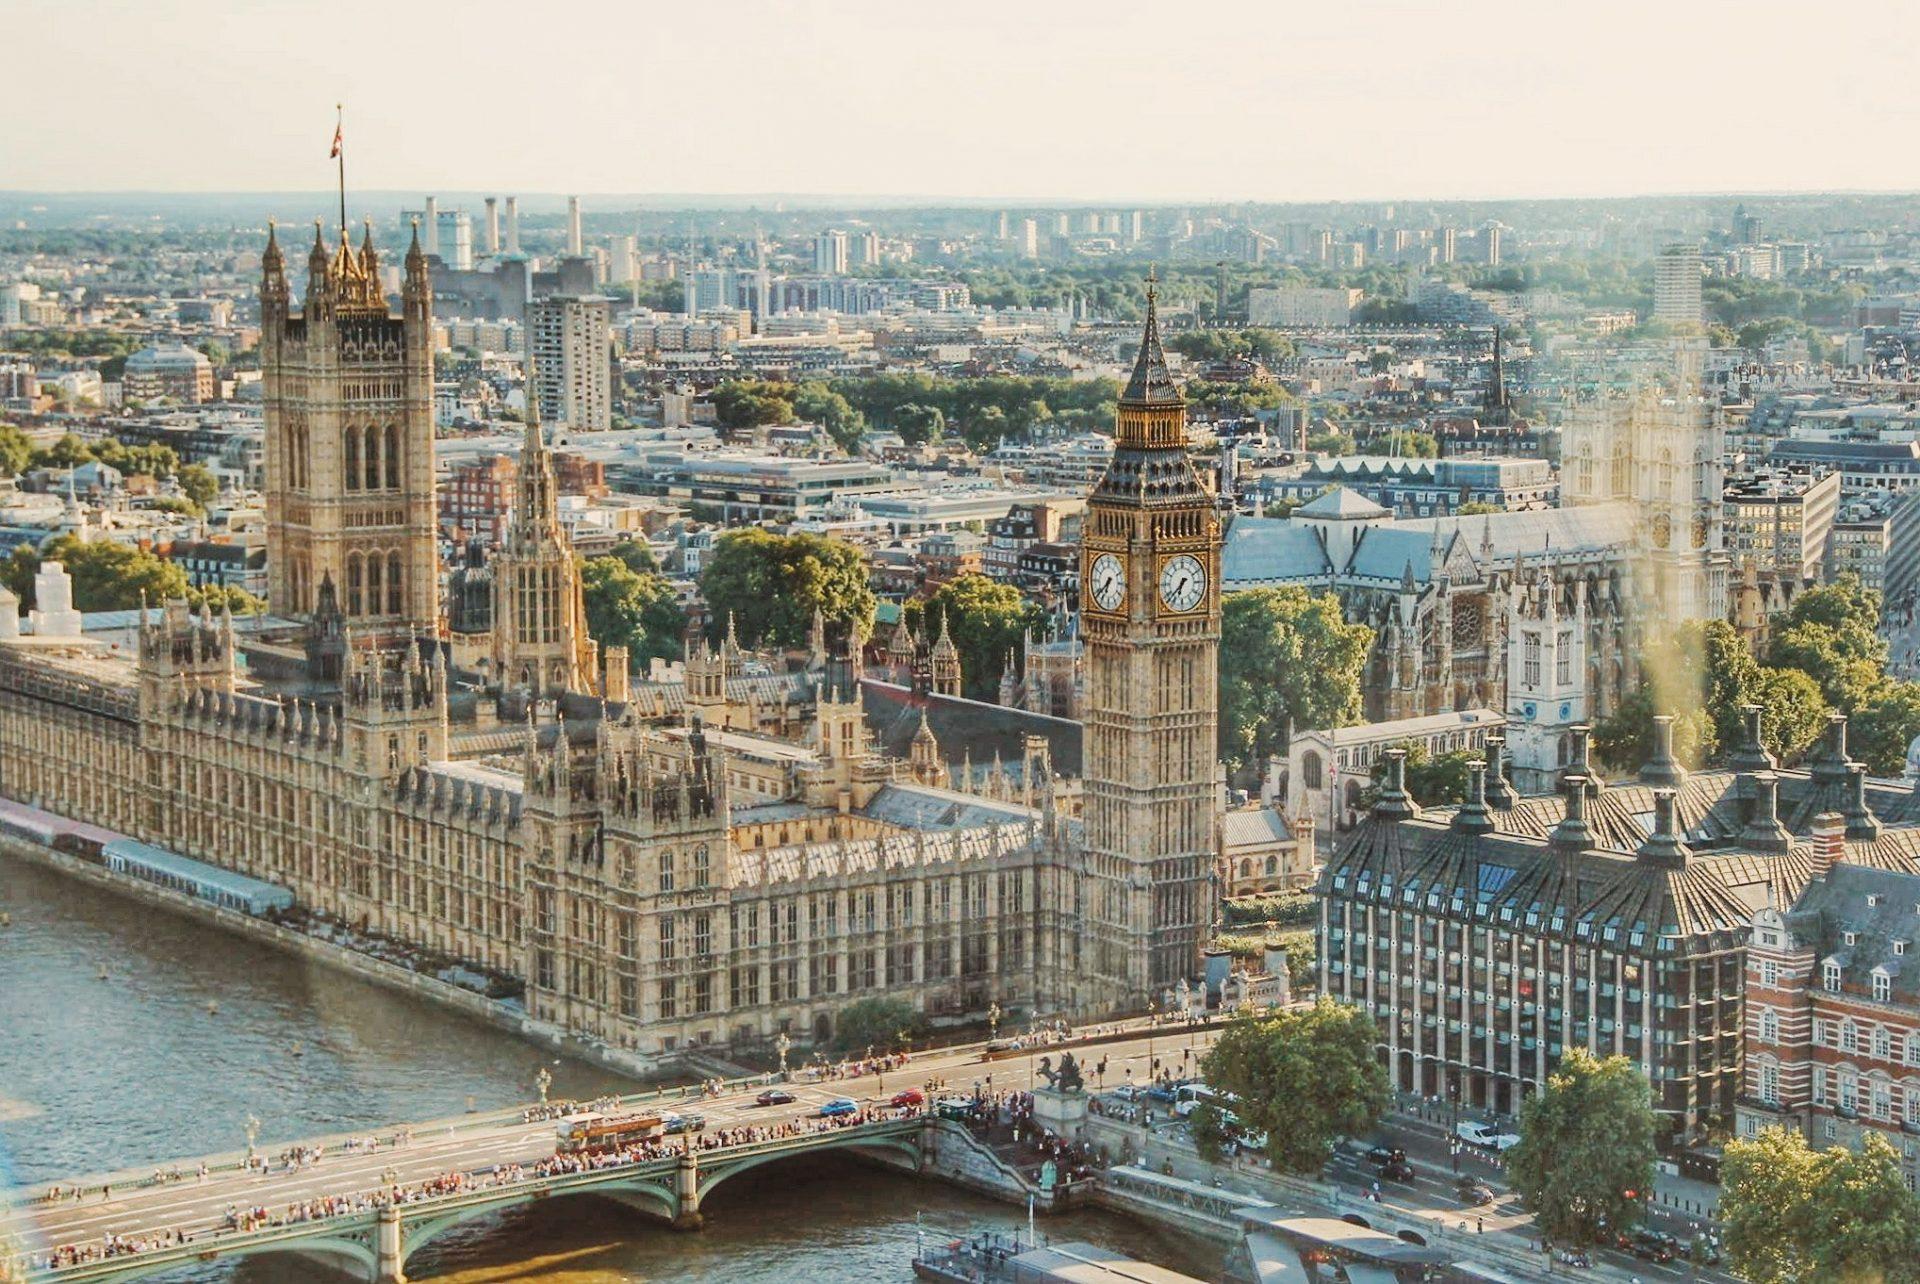 Der Buckingham-Palace vom London Eye aus gesehen.